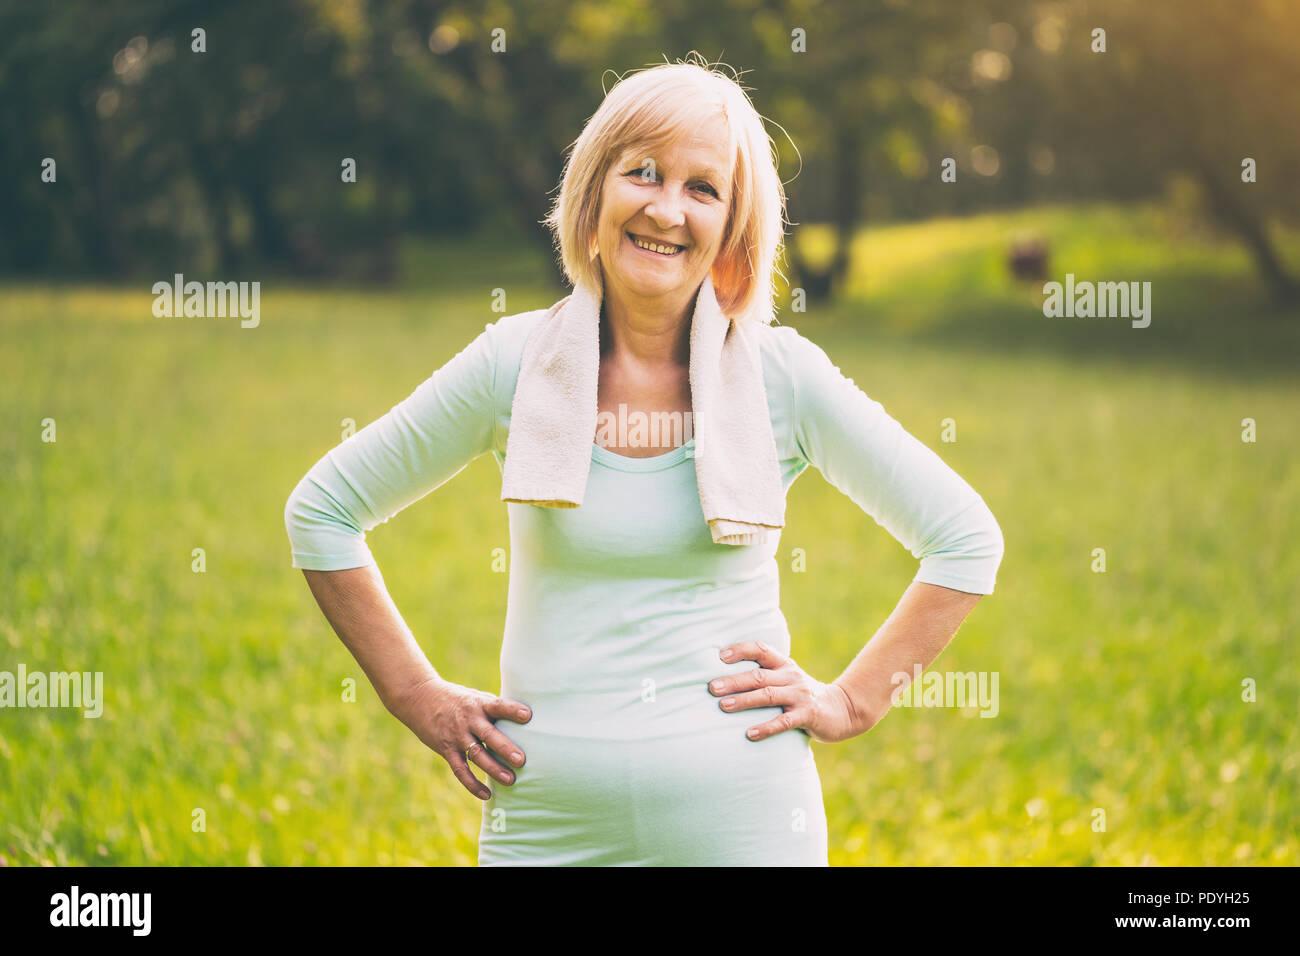 Ritratto di senior sportivo donna in piedi nella natura.Immagine è intenzionalmente tonica. Immagini Stock